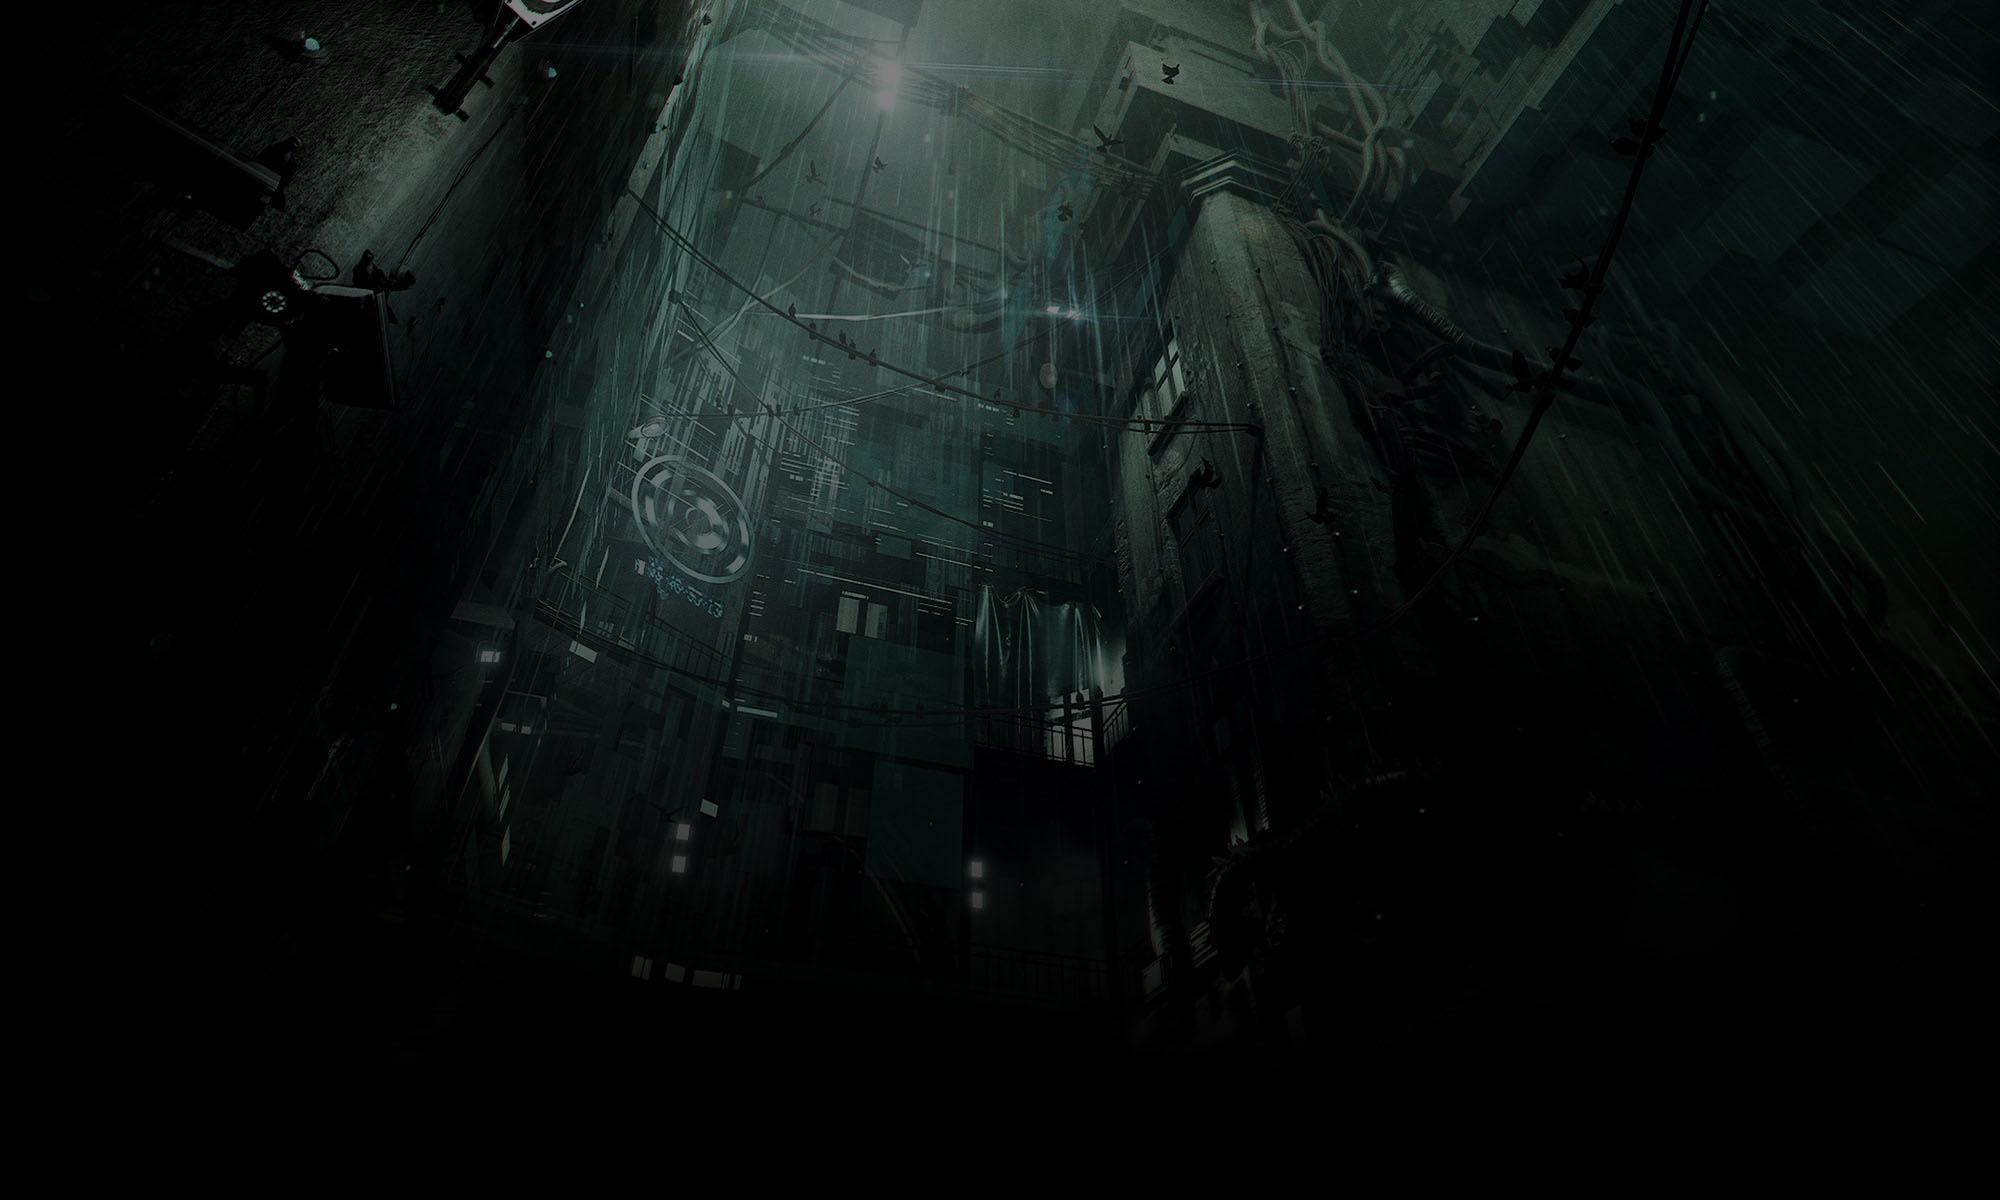 >observer_: Blade Runner